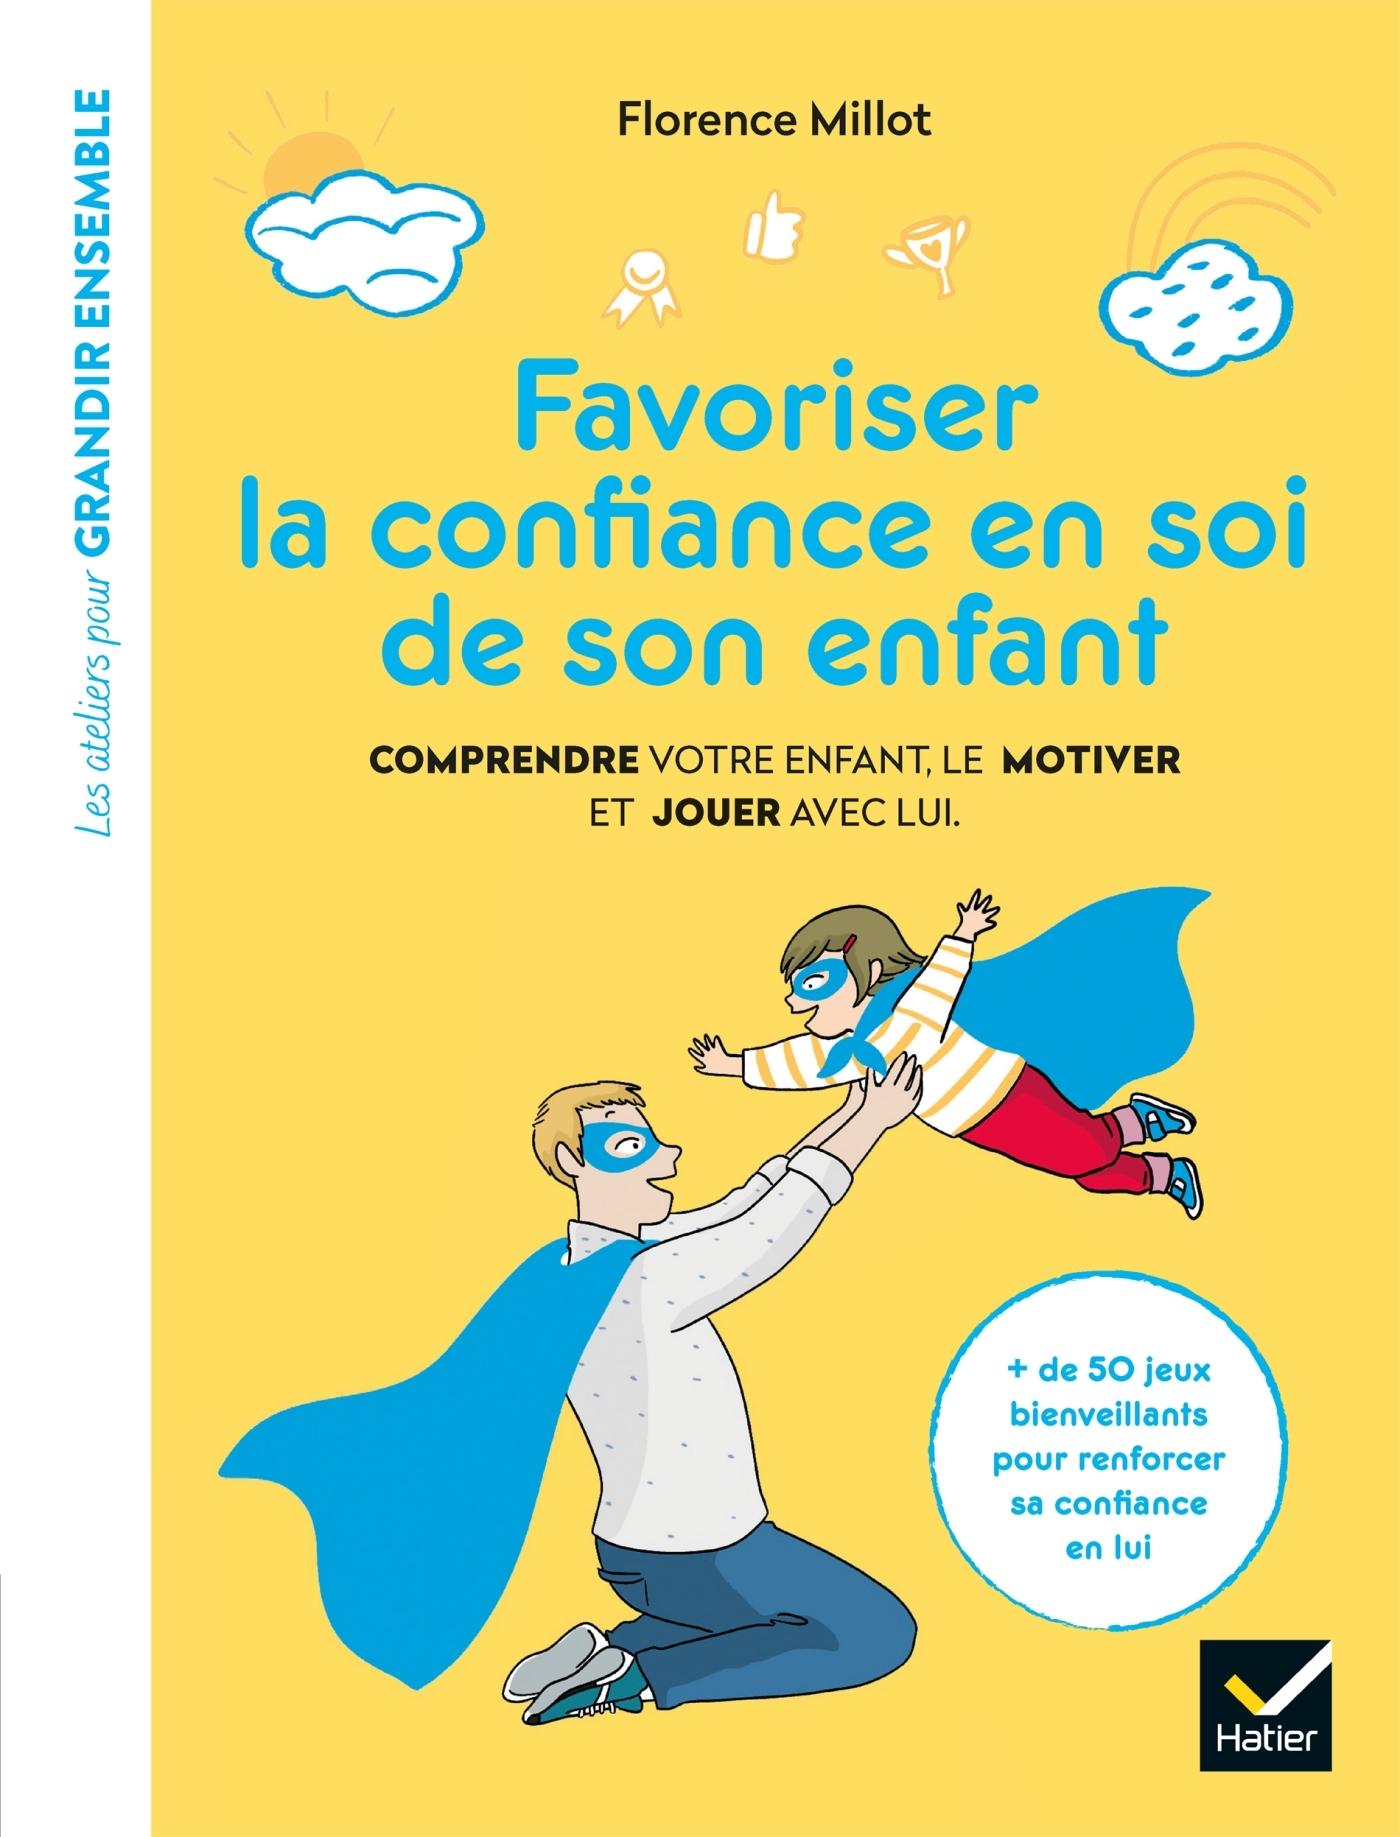 FAVORISER LA CONFIANCE EN SOI DE SON ENFANT